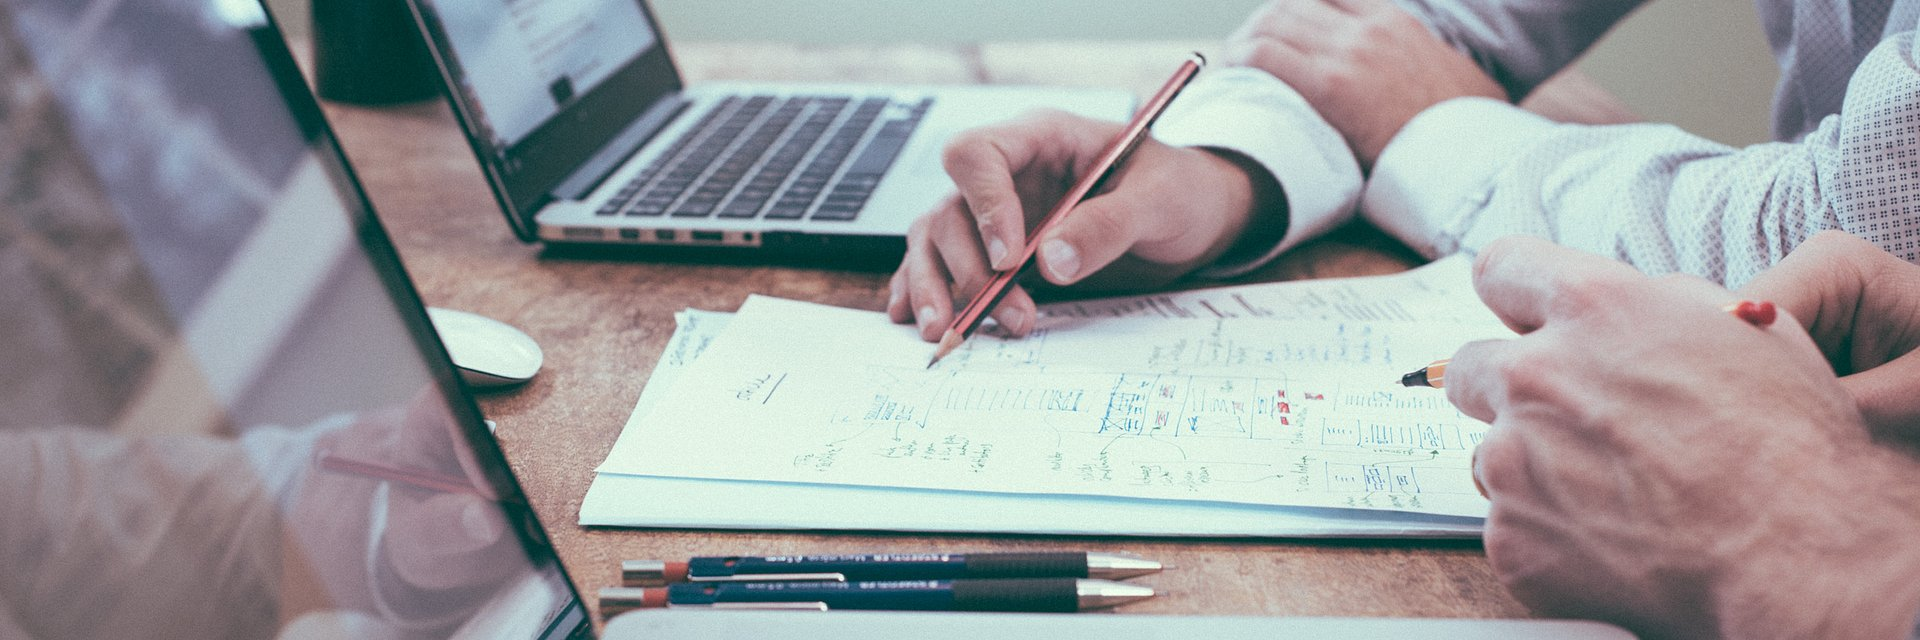 Test Przedsiębiorcy. O co w nim chodzi i czy to realna wizja?